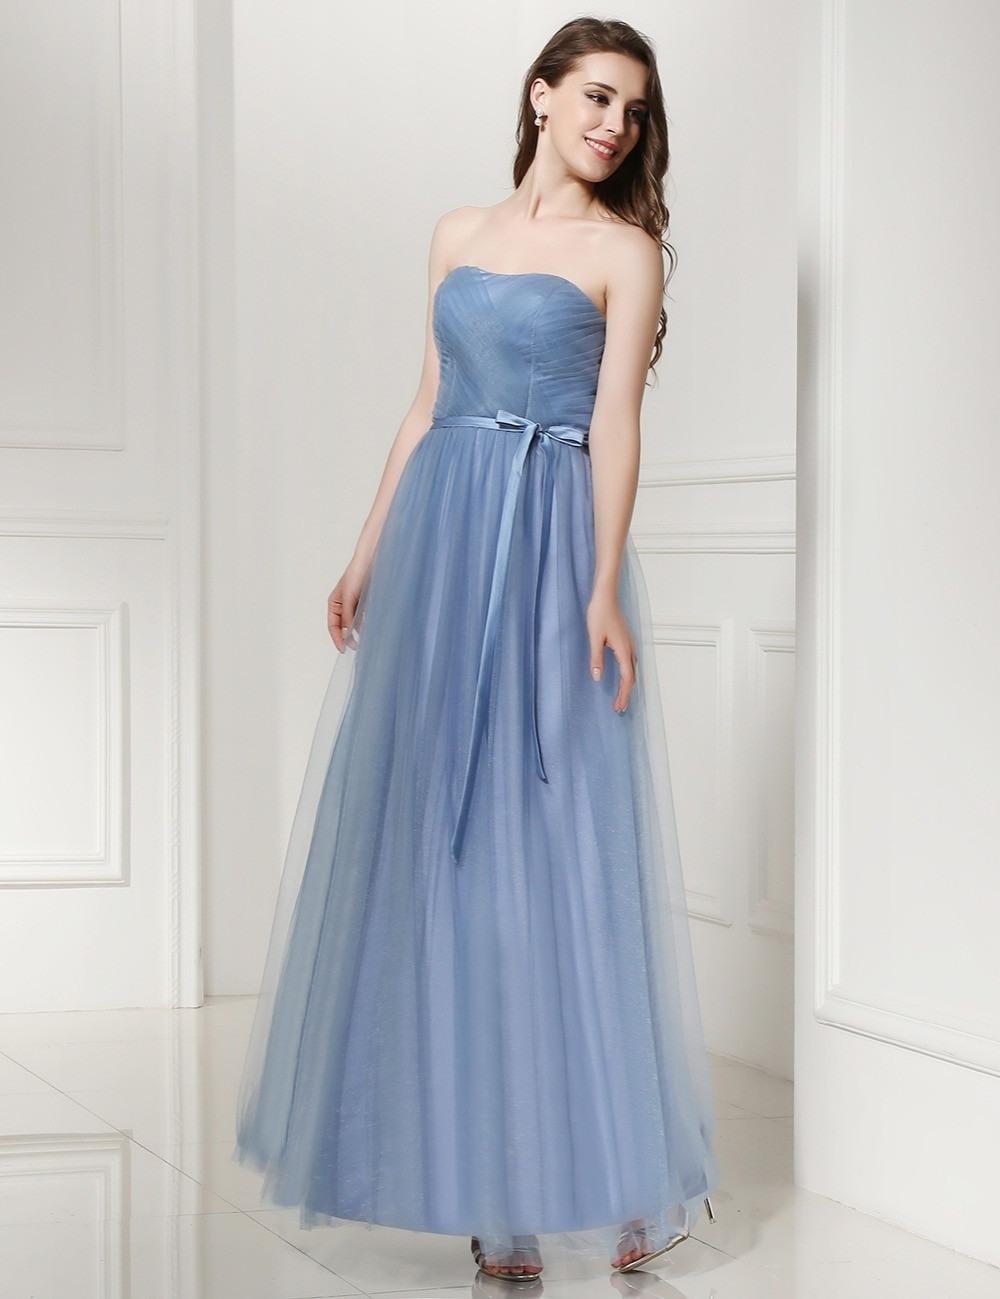 Kleid Gast Hochzeit Blau Archives - Abendkleid